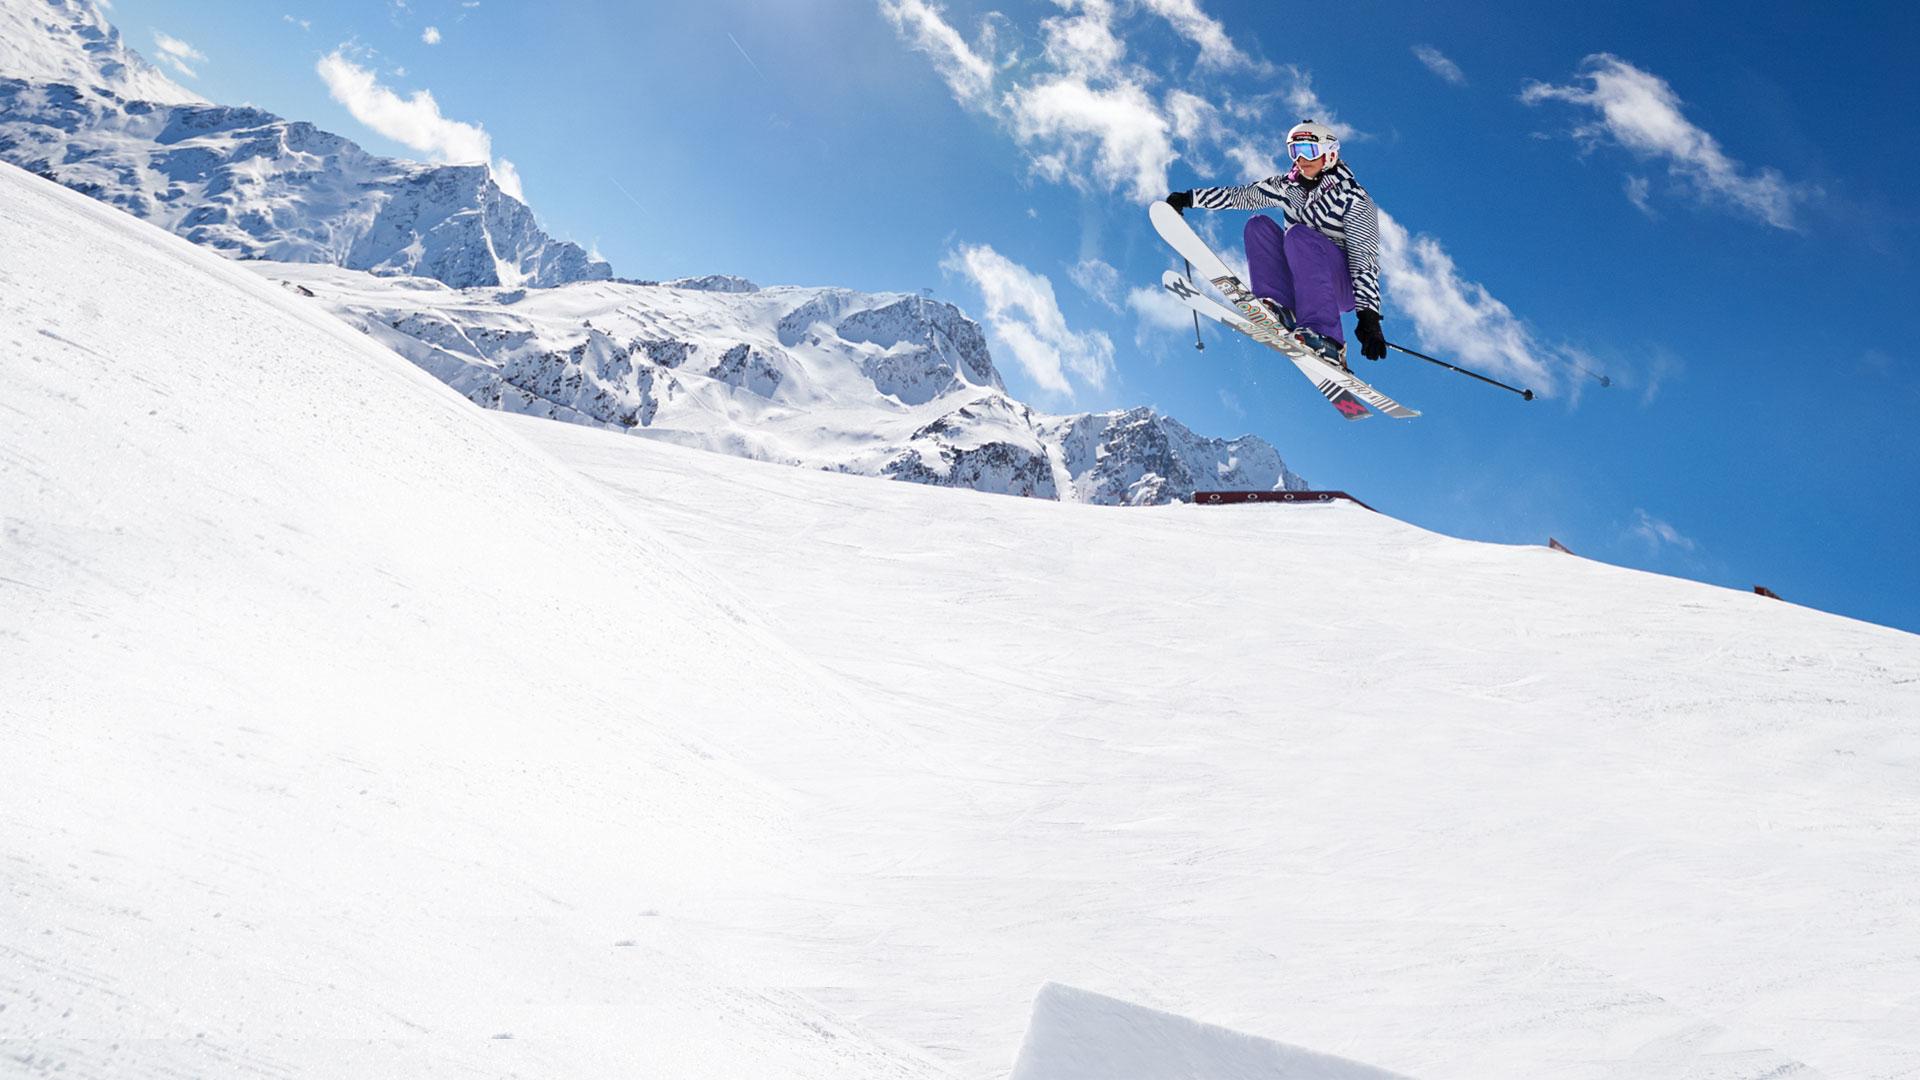 Bauerfeind Ski